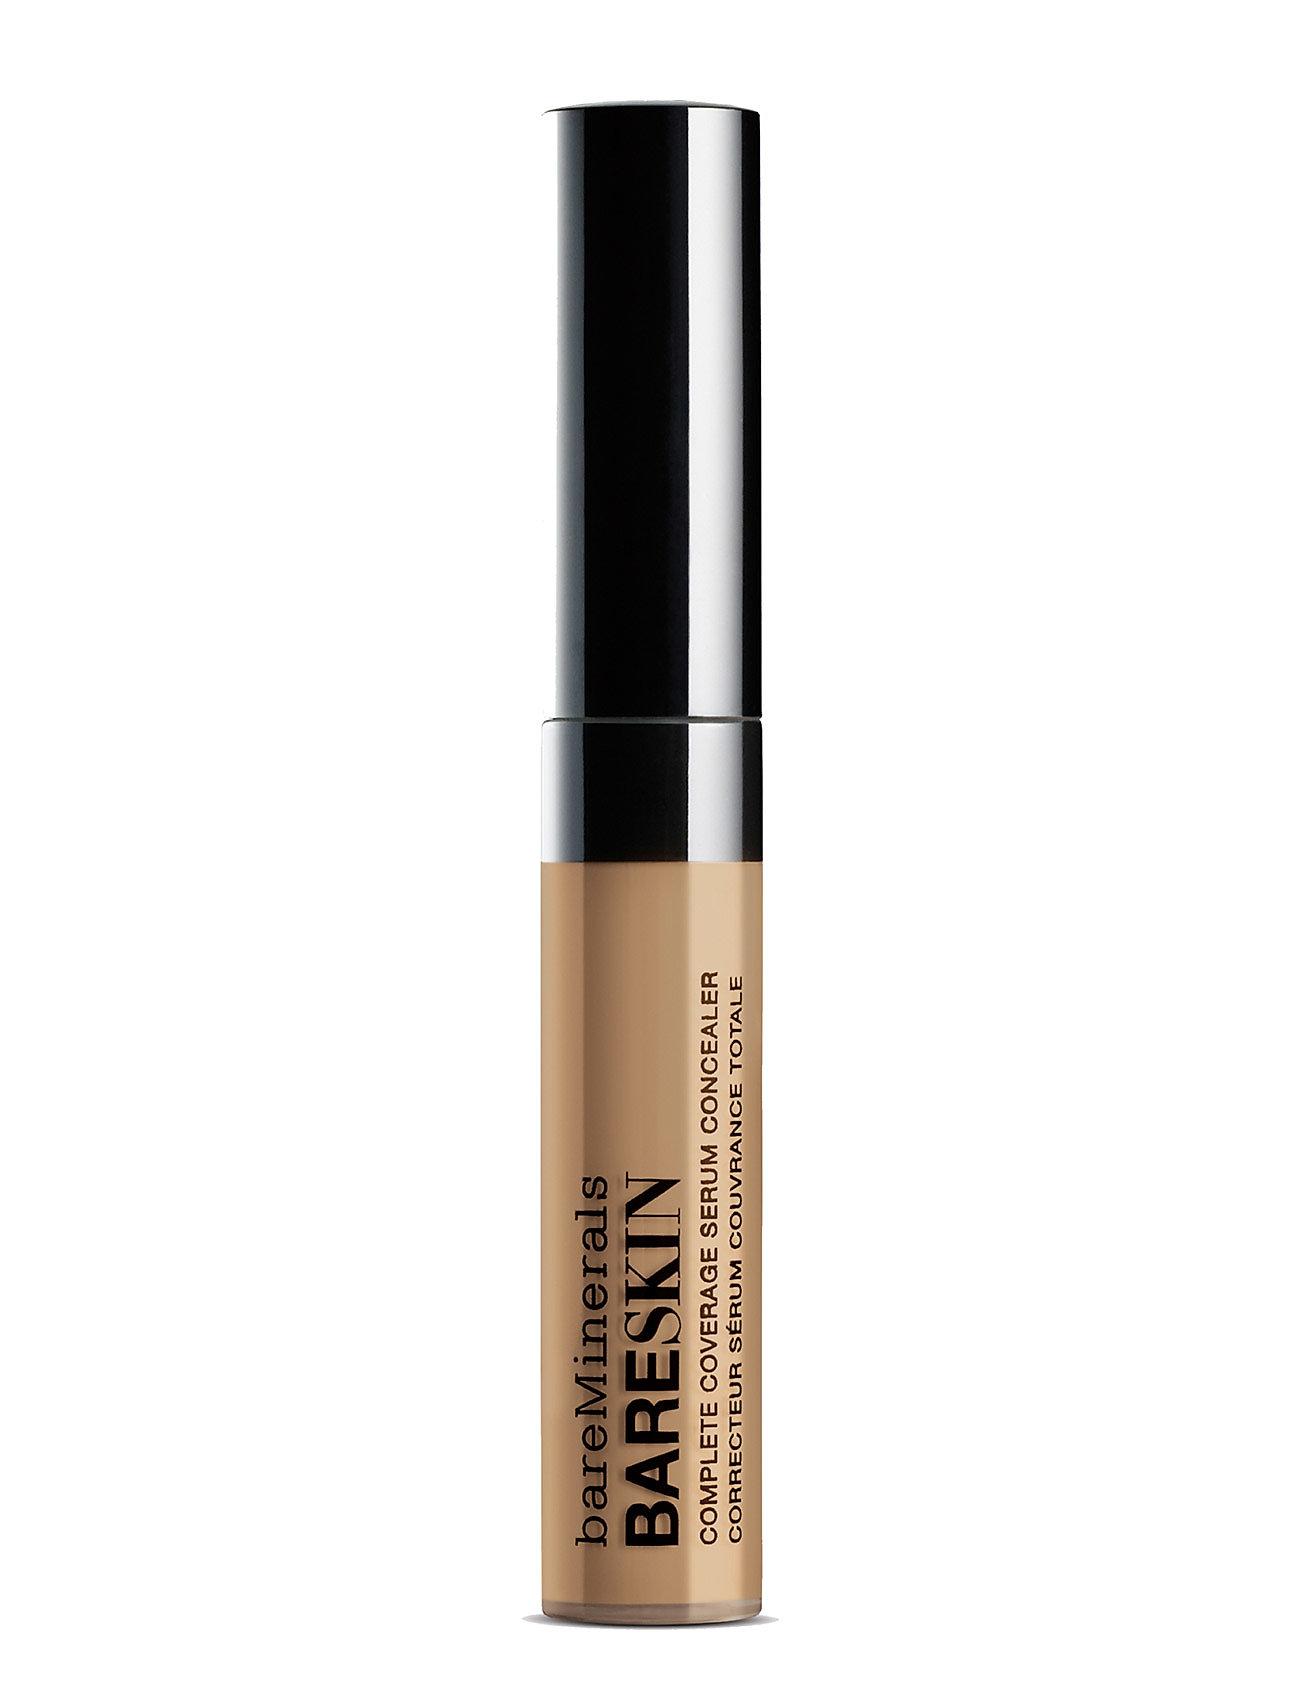 Image of Bareskin Serum Concealer Concealer Makeup BareMinerals (3368579547)